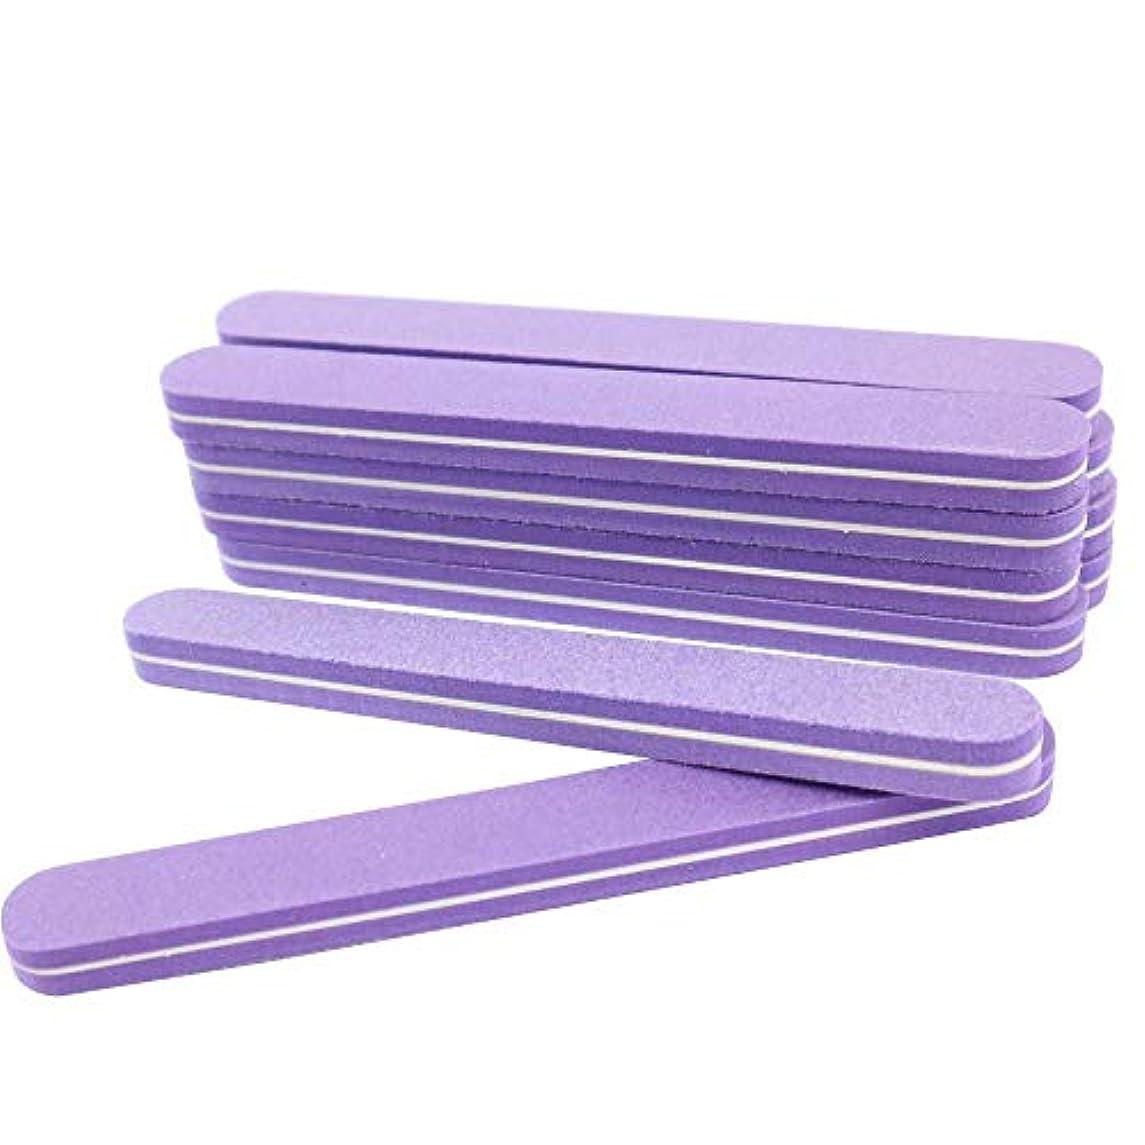 お客様重要なクレタネイル用 2WAYシャイナー 10本セット おうちで爪磨き 選べる2タイプ (形状:ストレート)